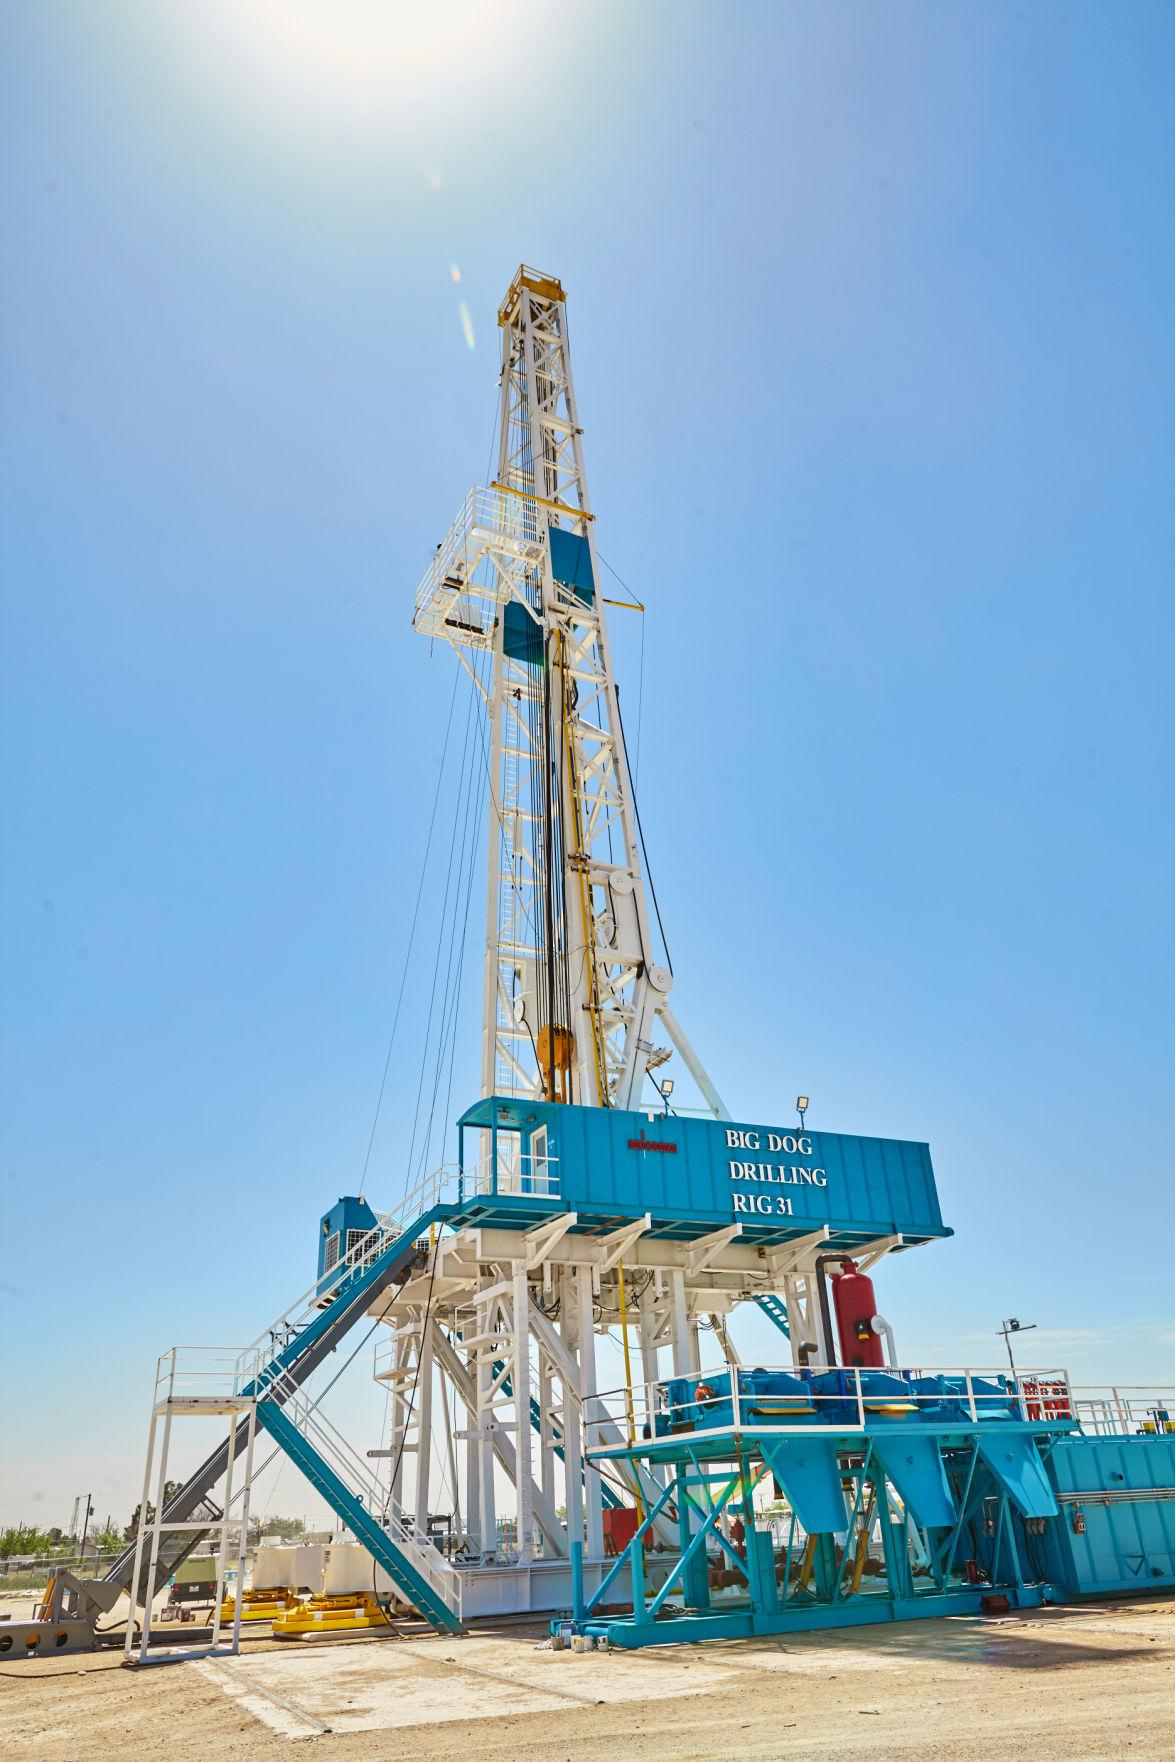 Big Dog Drilling Texas